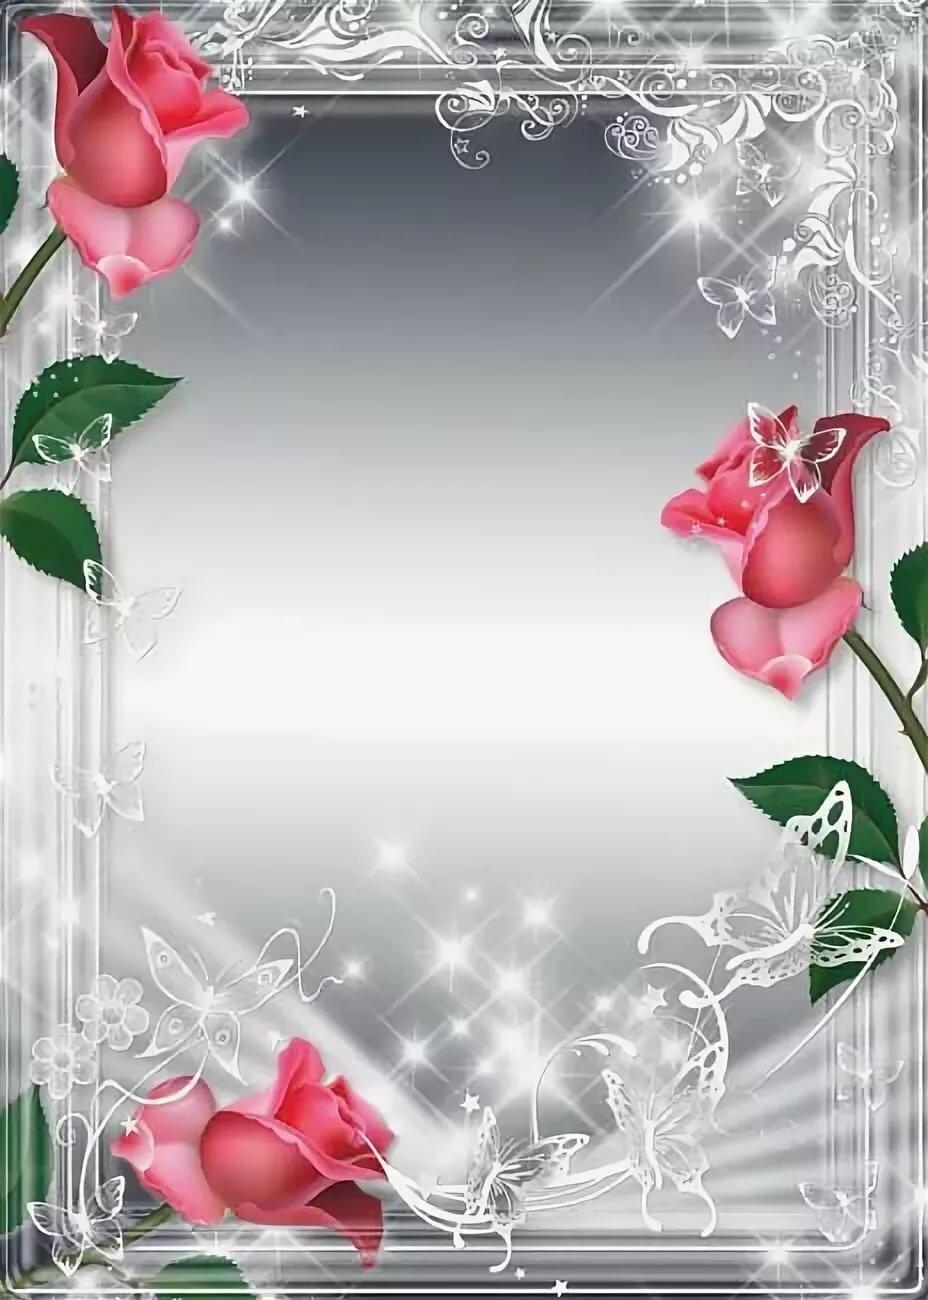 Свадьбой, красивые рамочки для поздравления с днем рождения